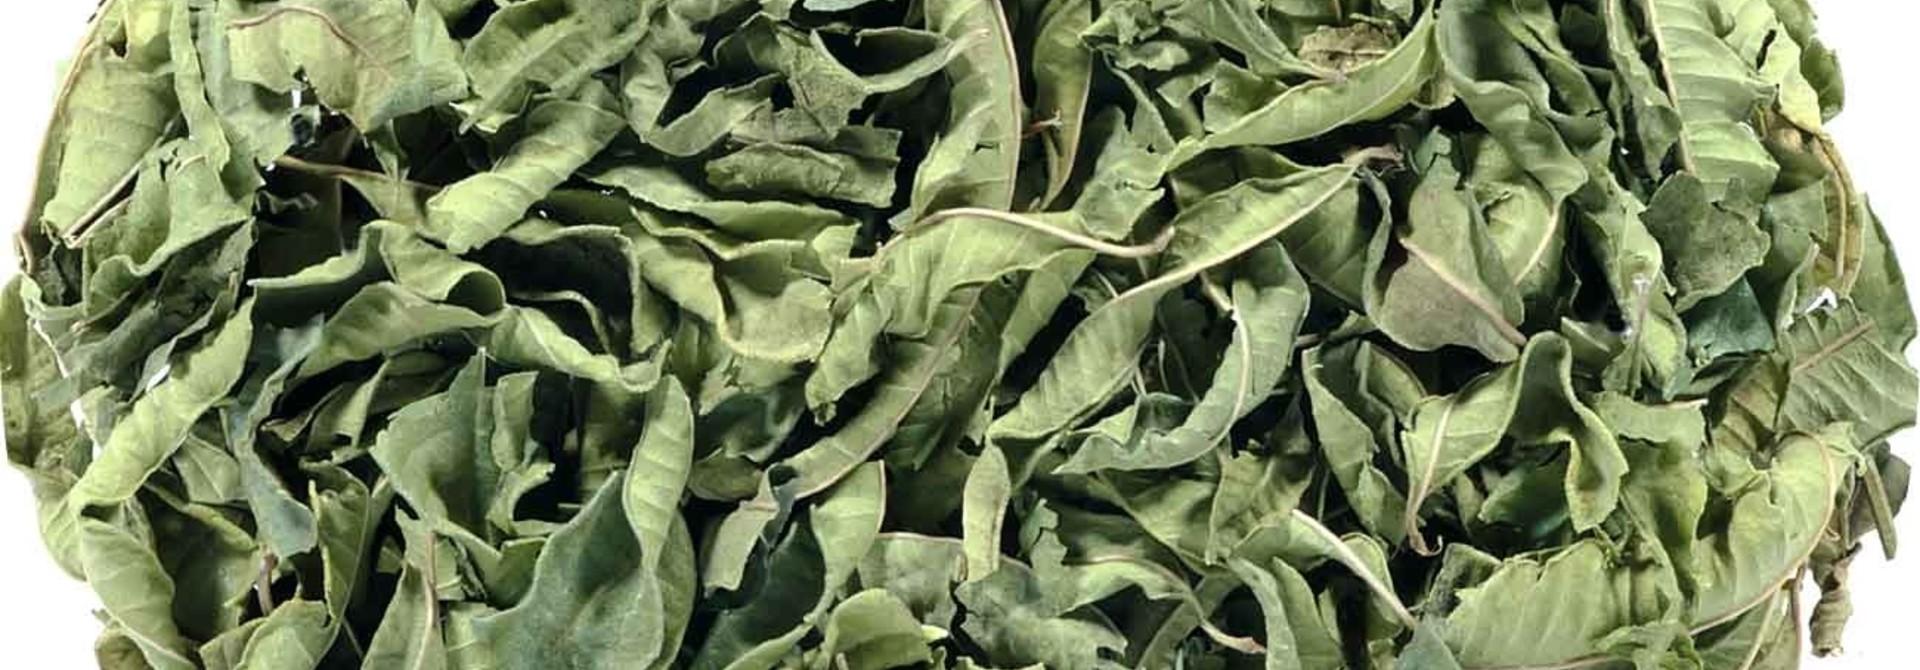 Verbeneblad